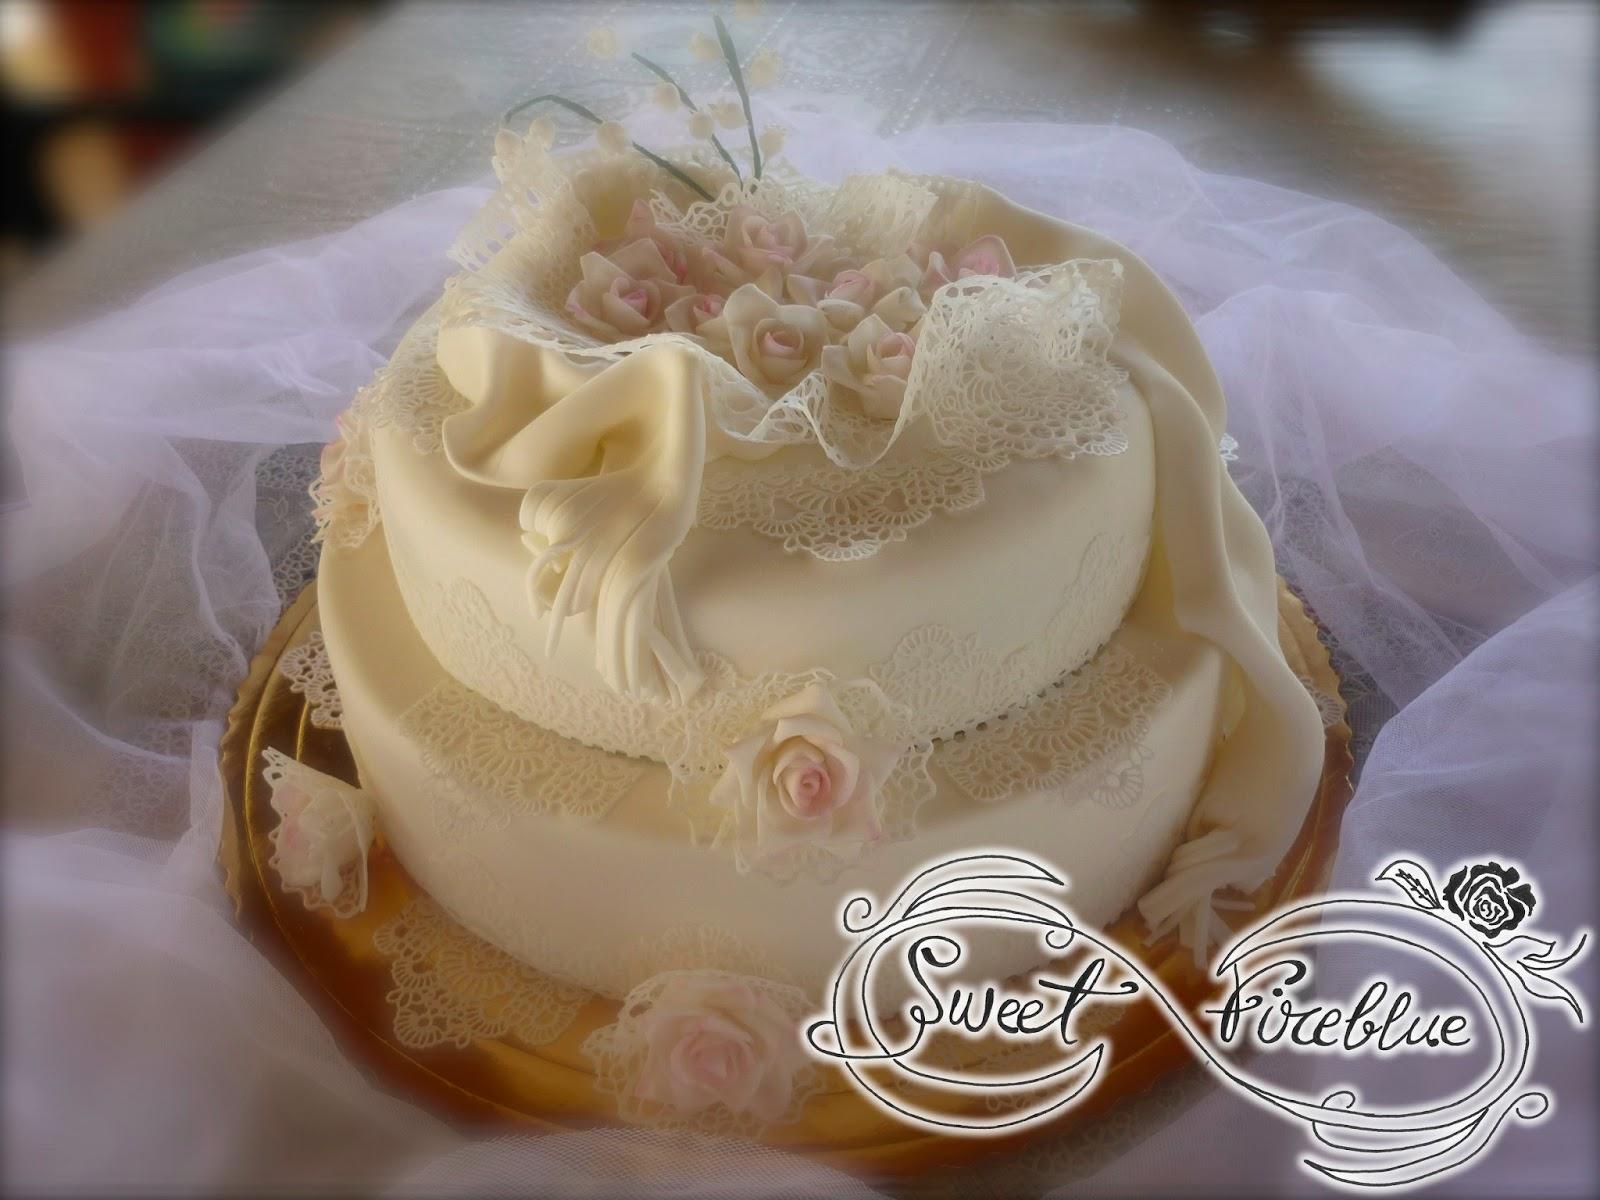 Sweet fireblue torta 50 di matrimonio for Decorazione torte per 50 anni di matrimonio